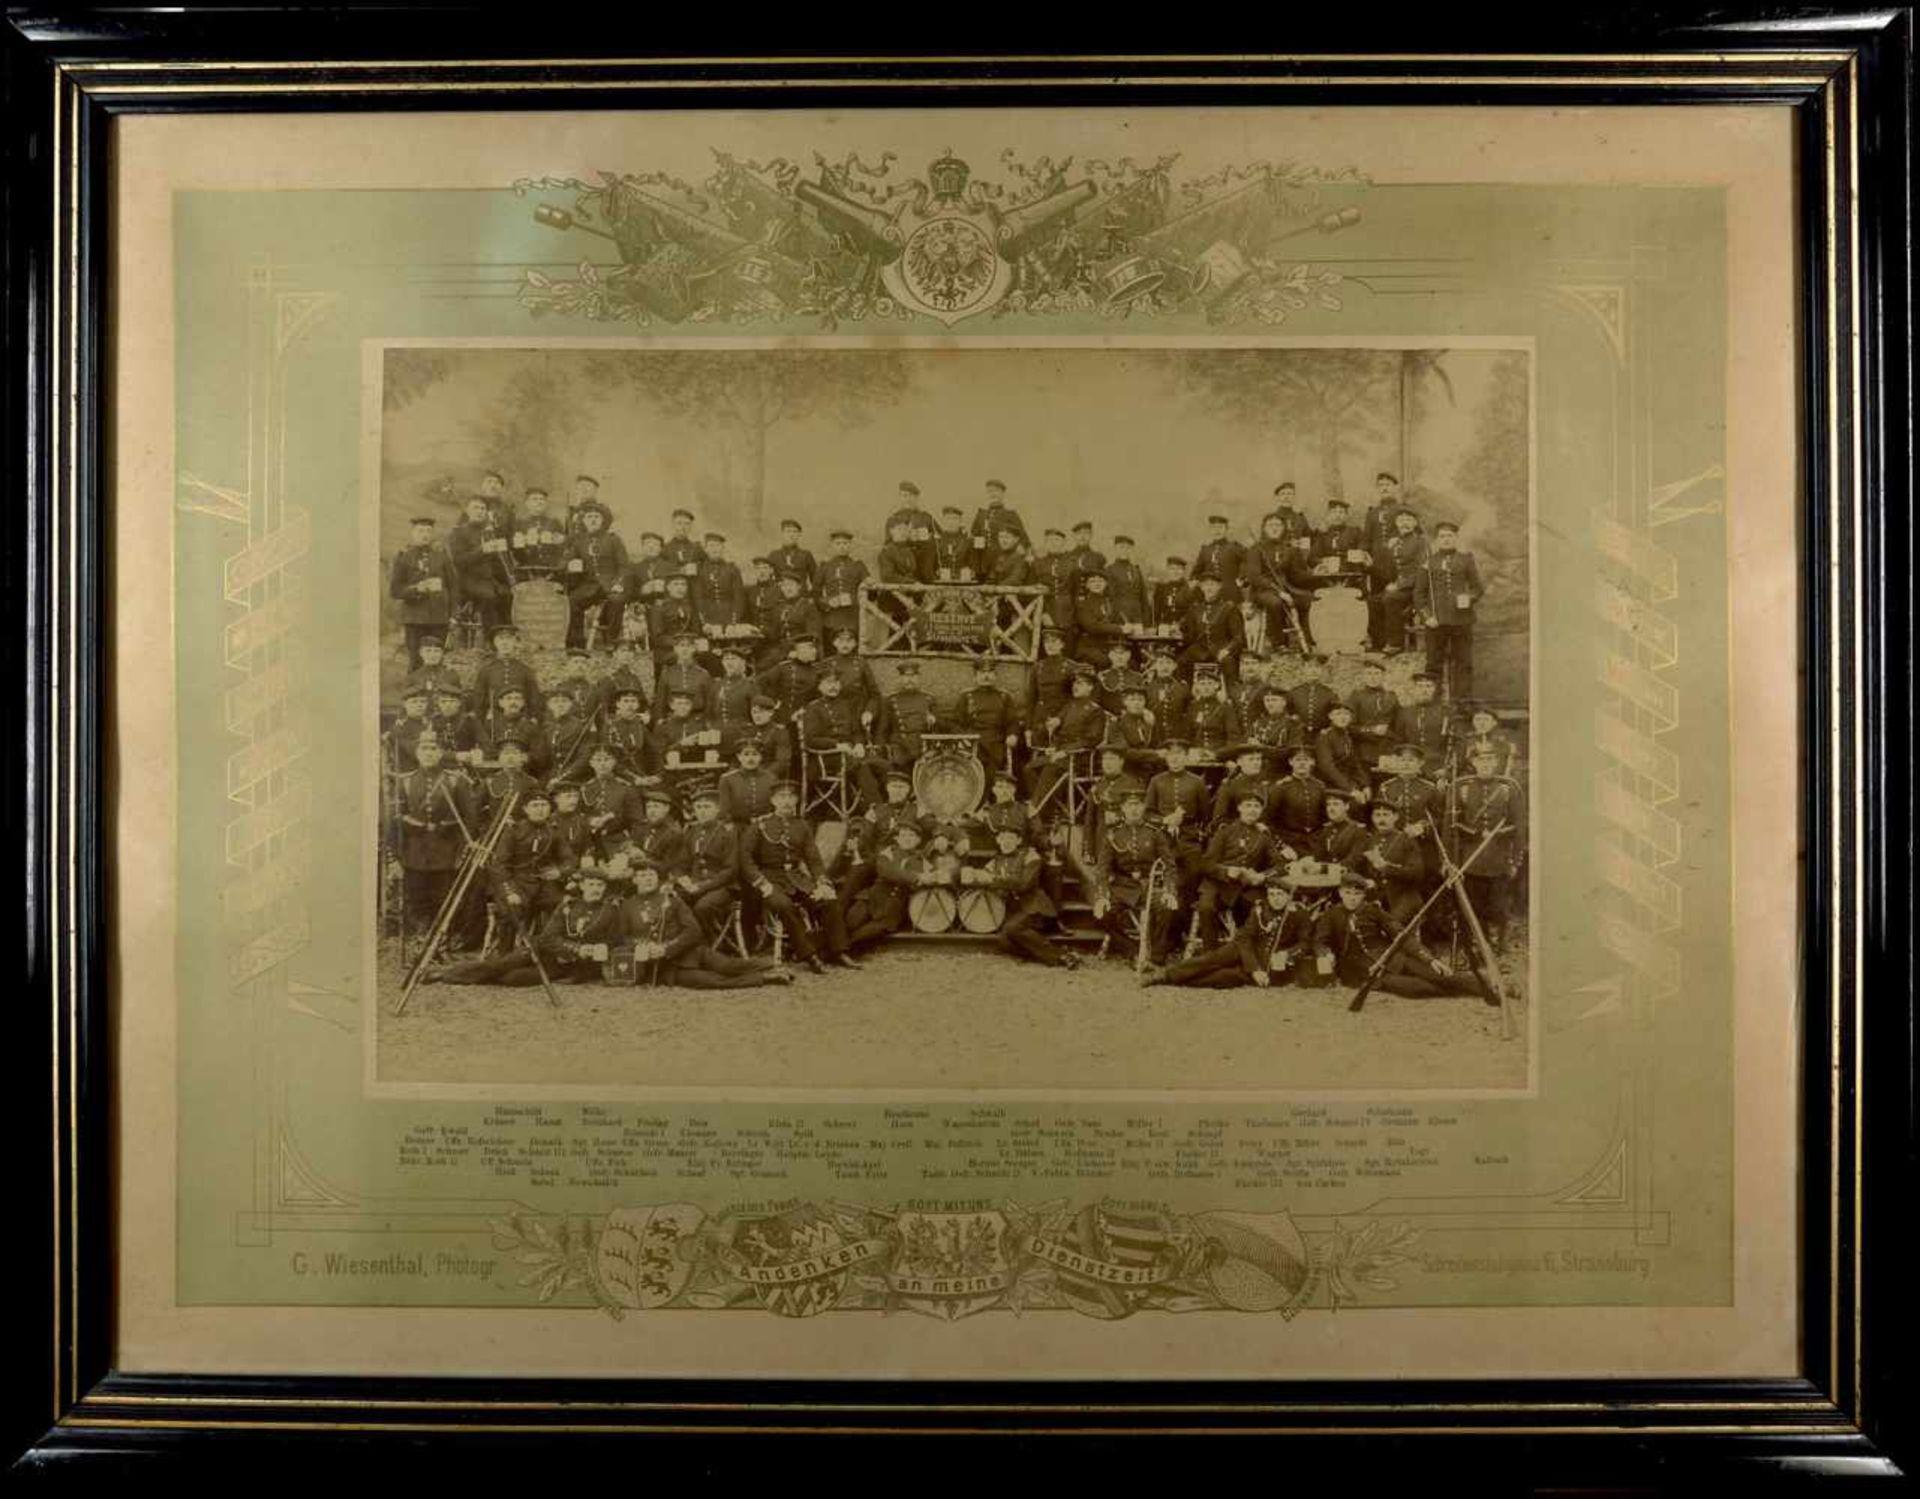 Fotoalben, militärische Einzelfotos, Postkarten 1895-1897, Bild, Andenken an meine Dienstzeit,